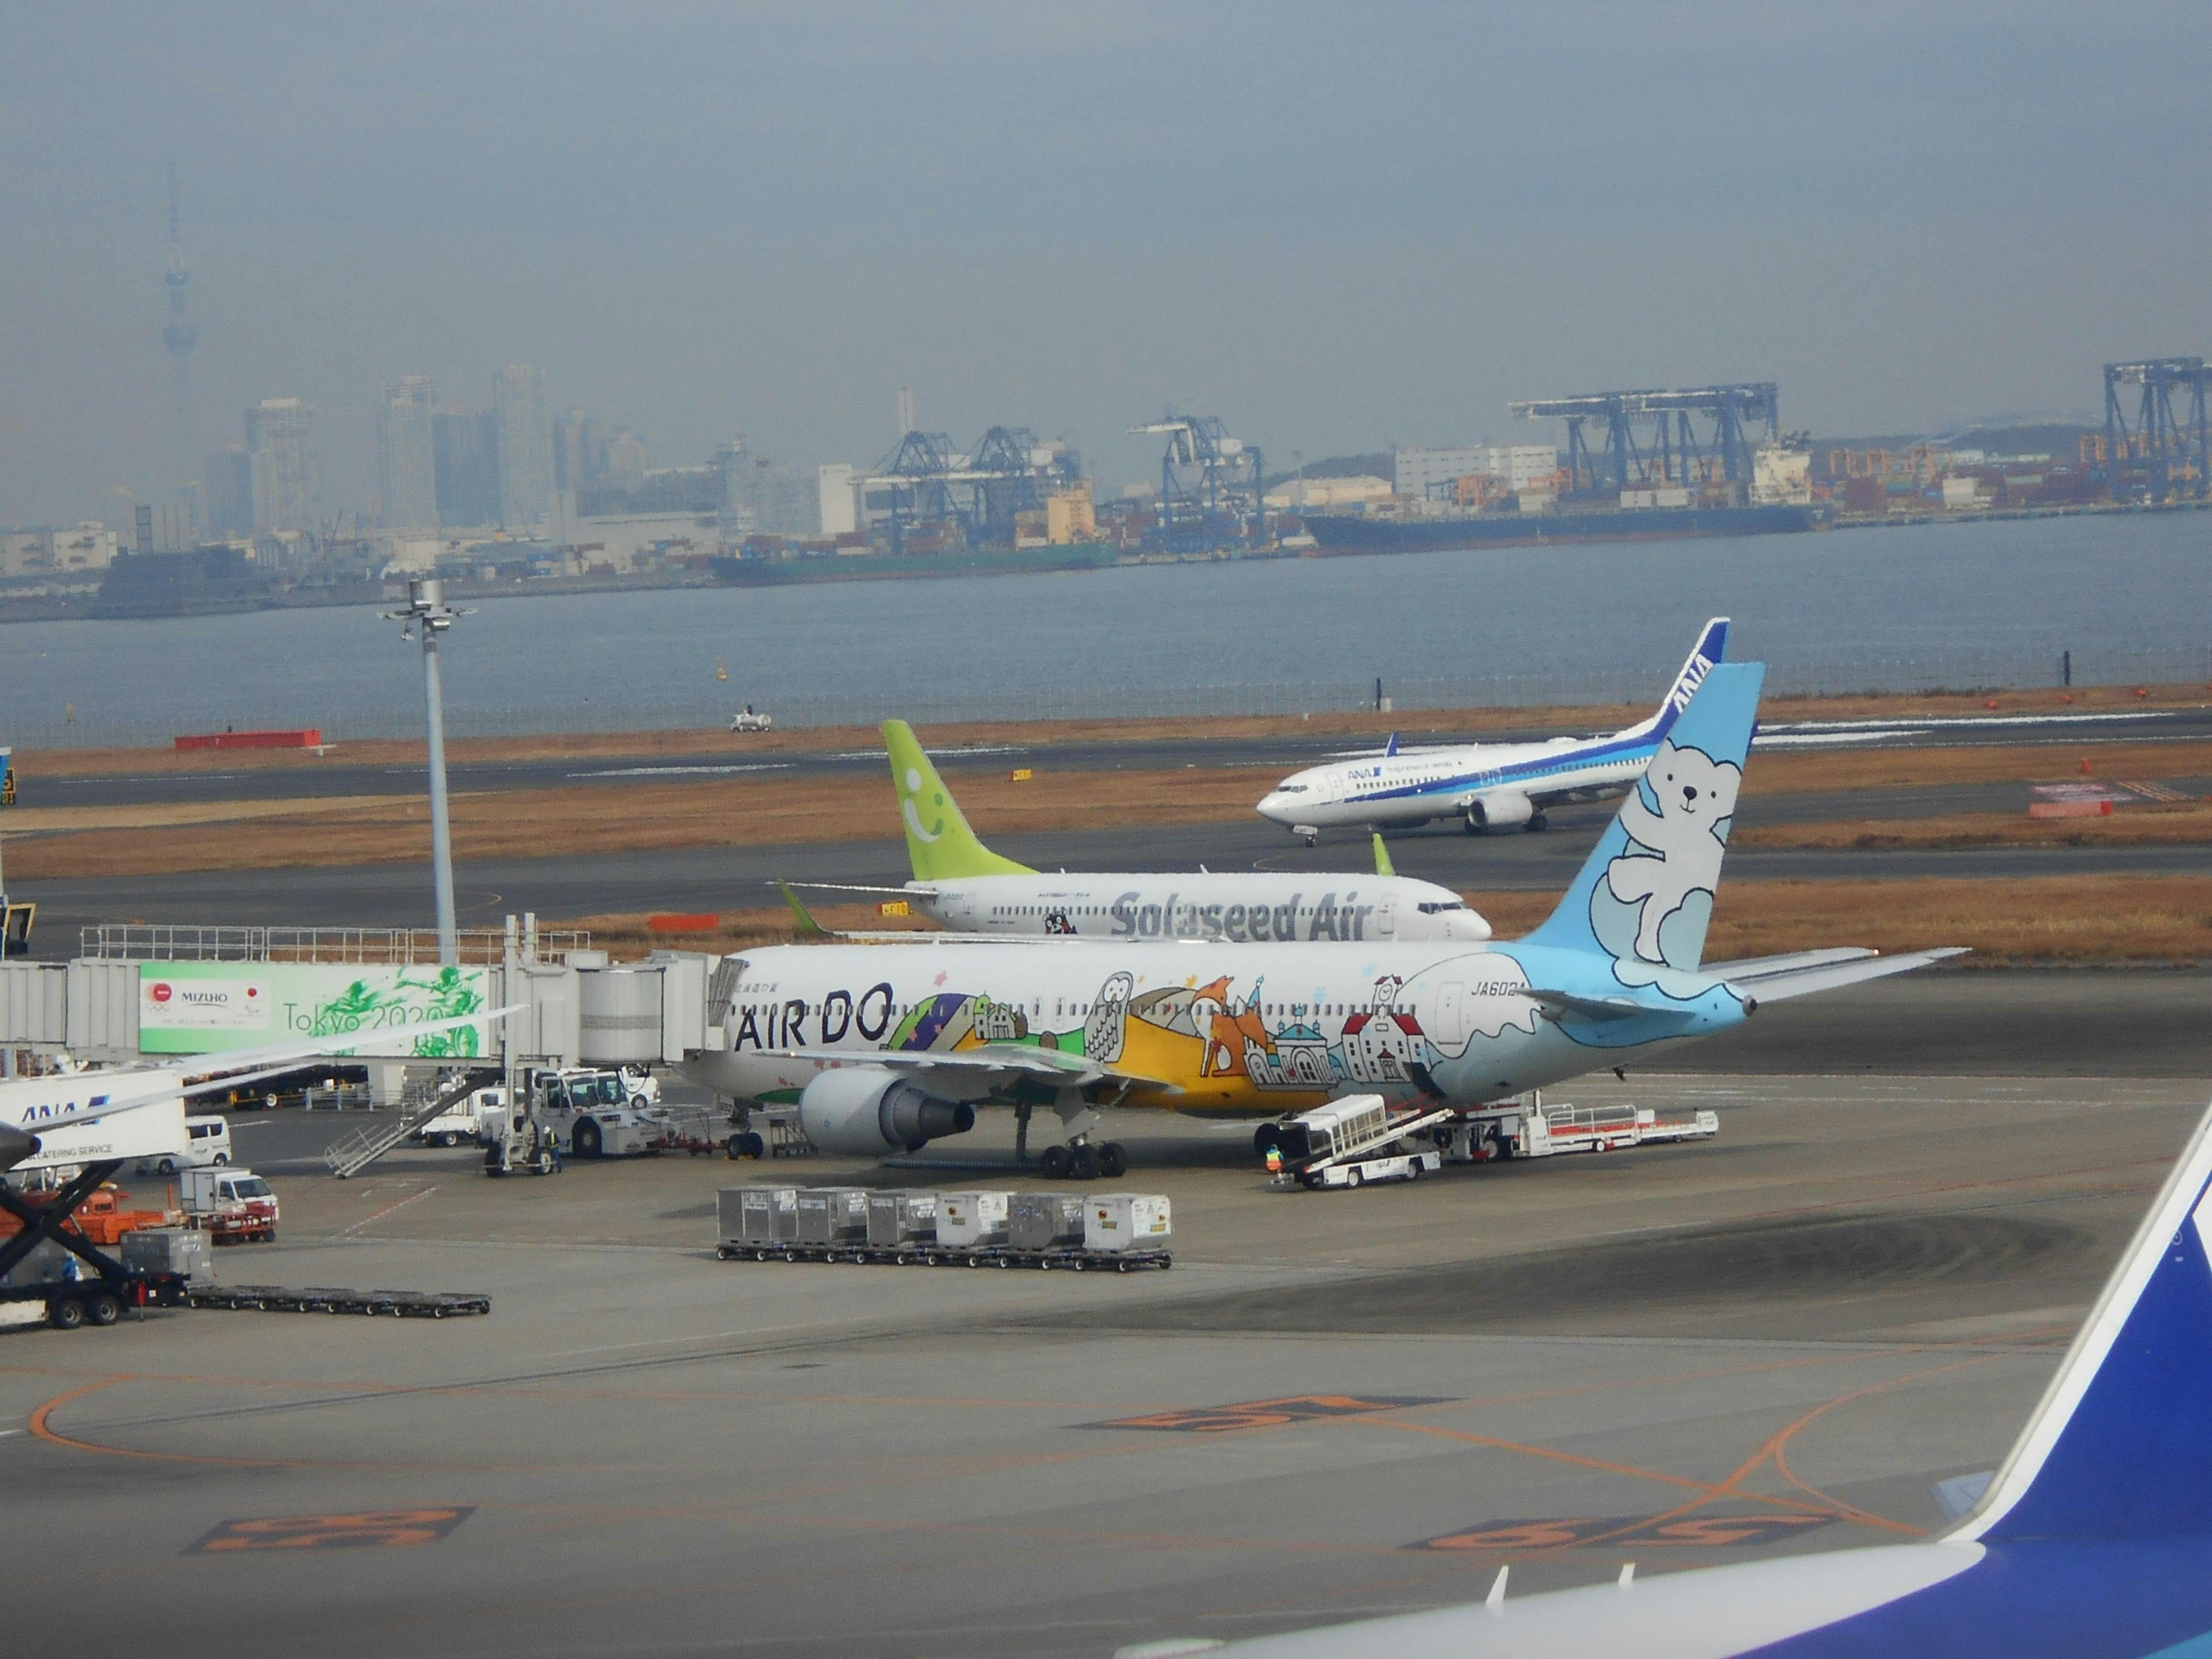 f:id:A350-900:20210110211154j:image